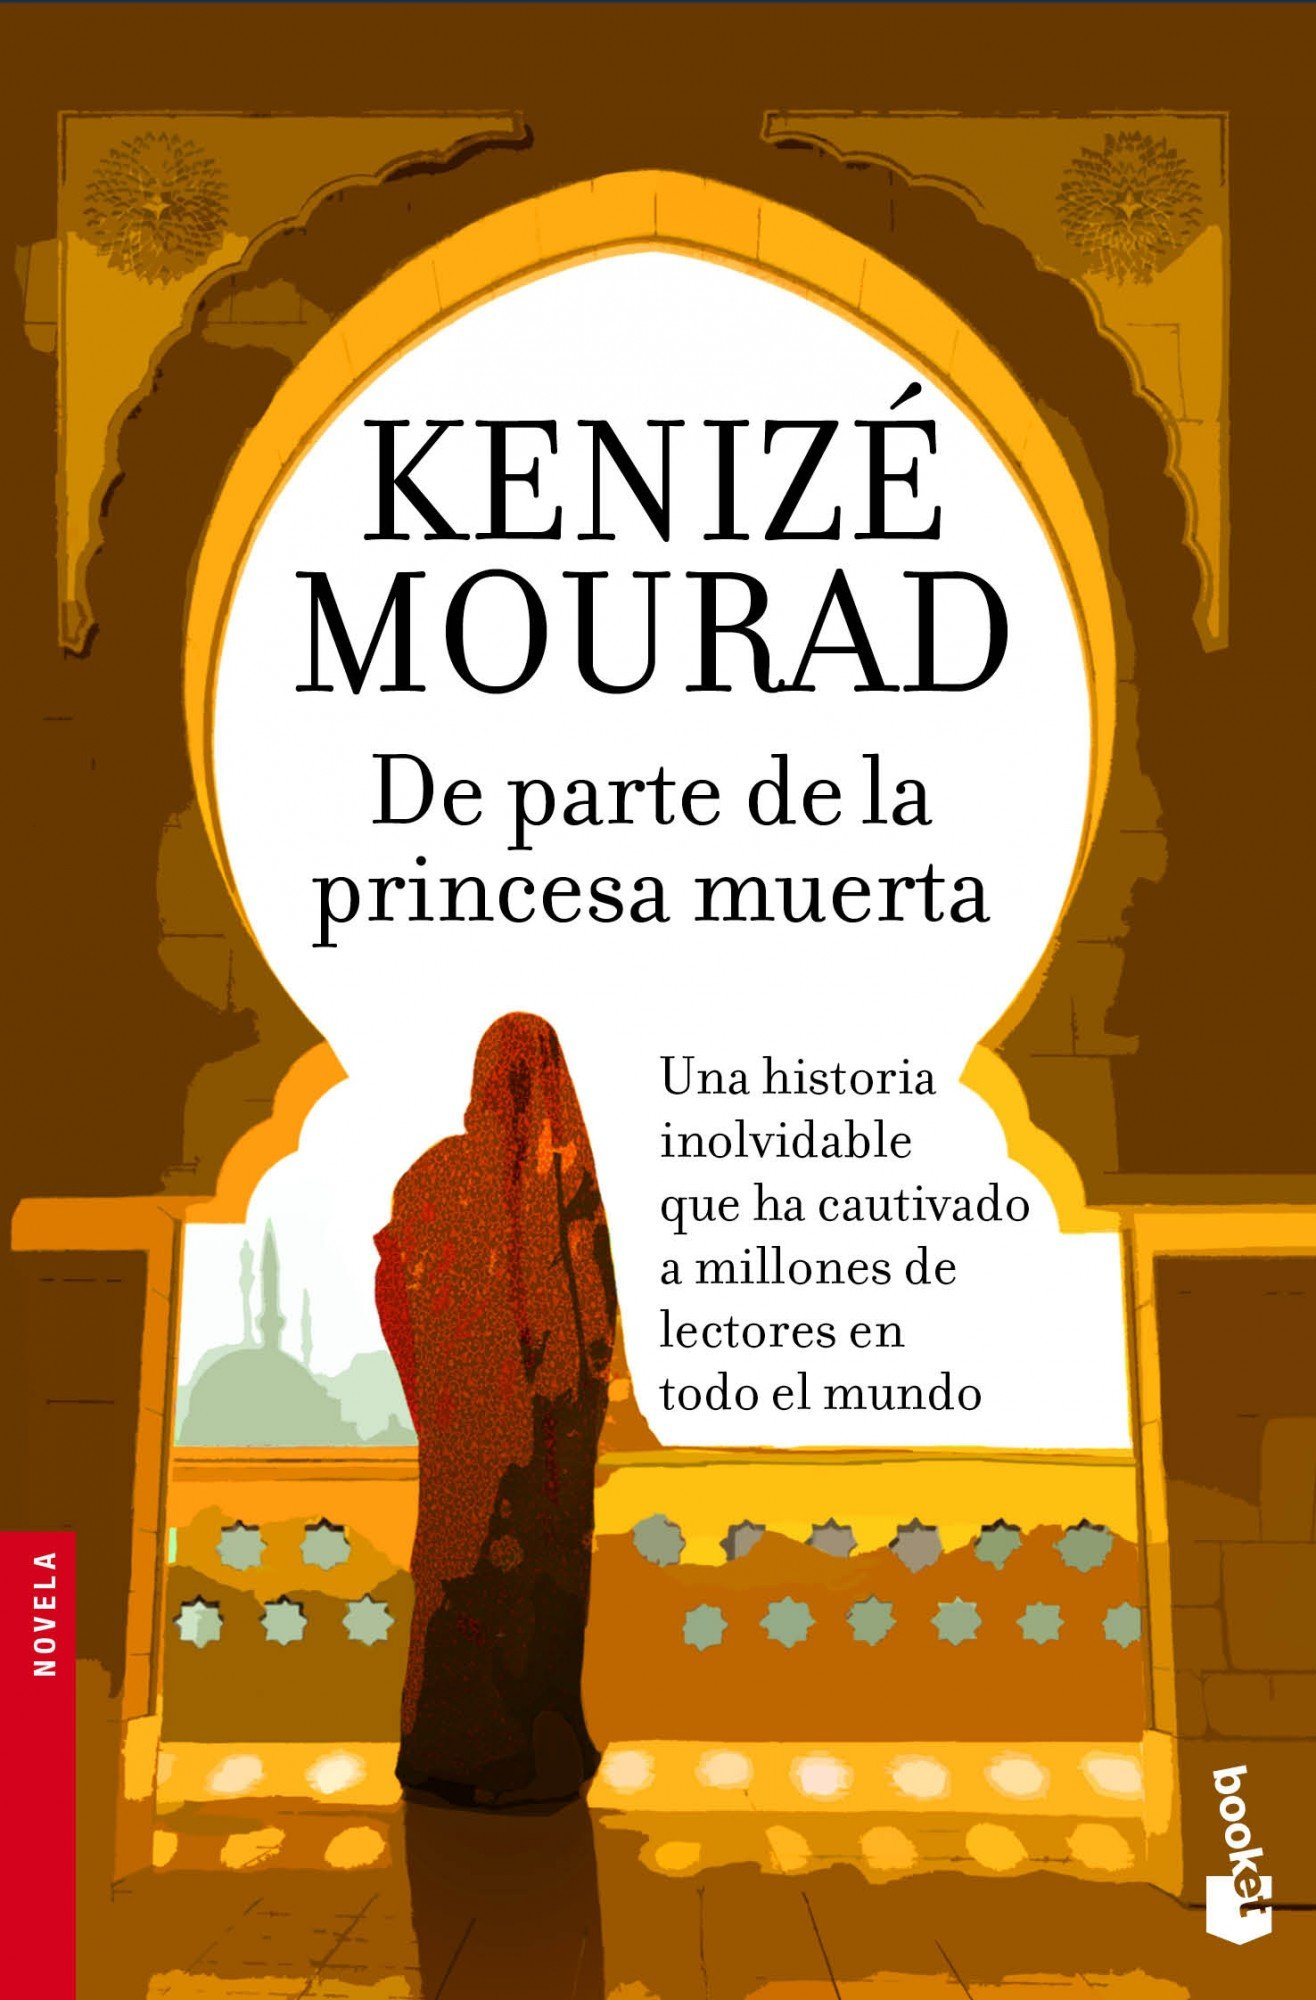 De parte de la princesa muerta: Kenizé Mourad: 9788467008302: Amazon.com: Books